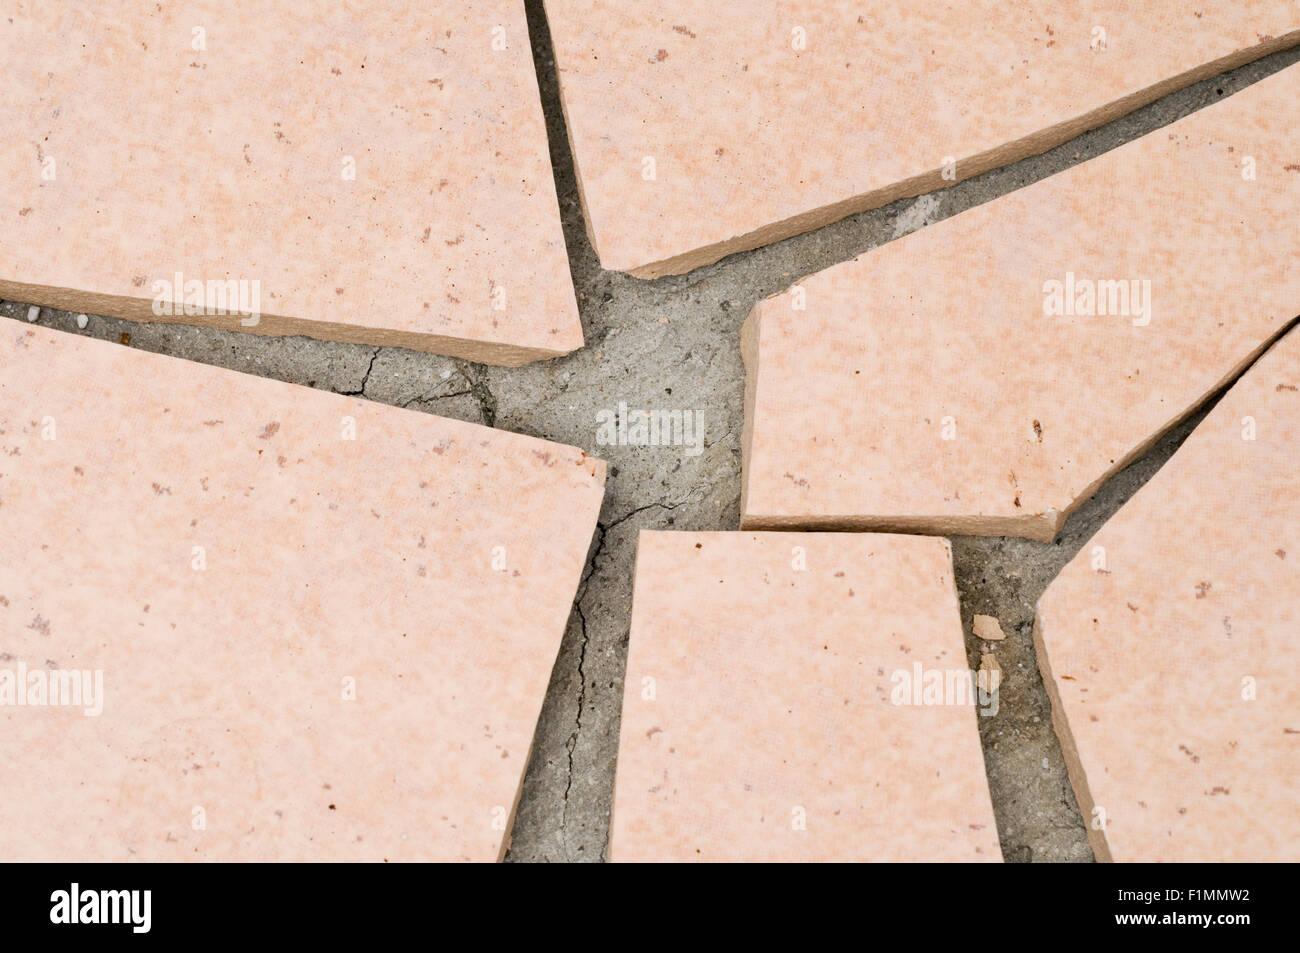 Rotture di piastrelle per pavimento foto immagine stock